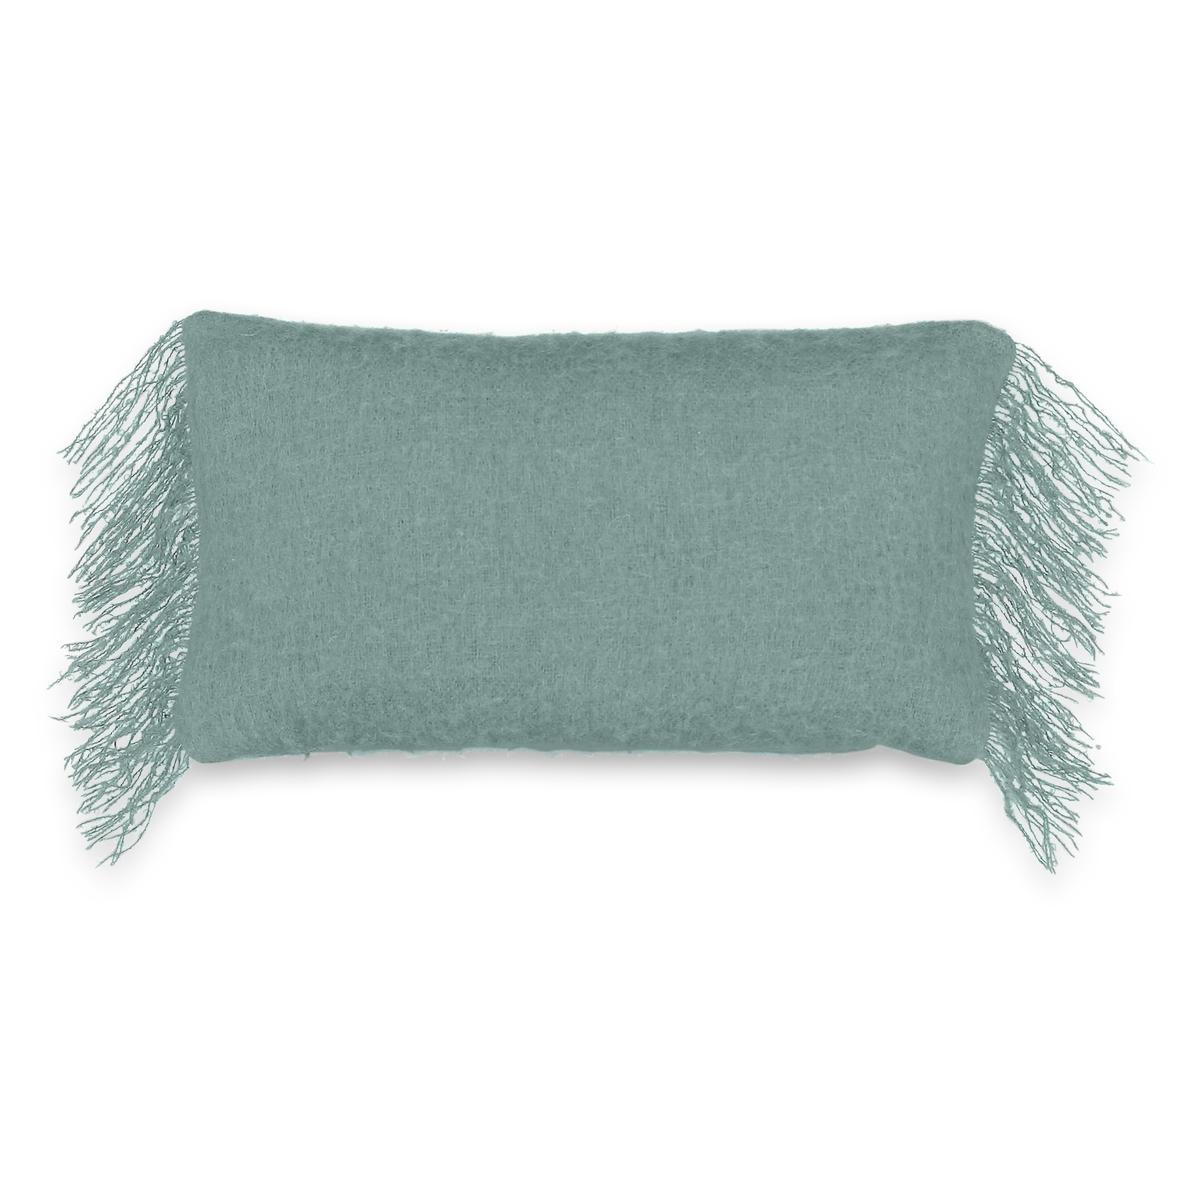 Фото - Чехол на подушку-валик Tasuna чехол на подушку валик tasuna